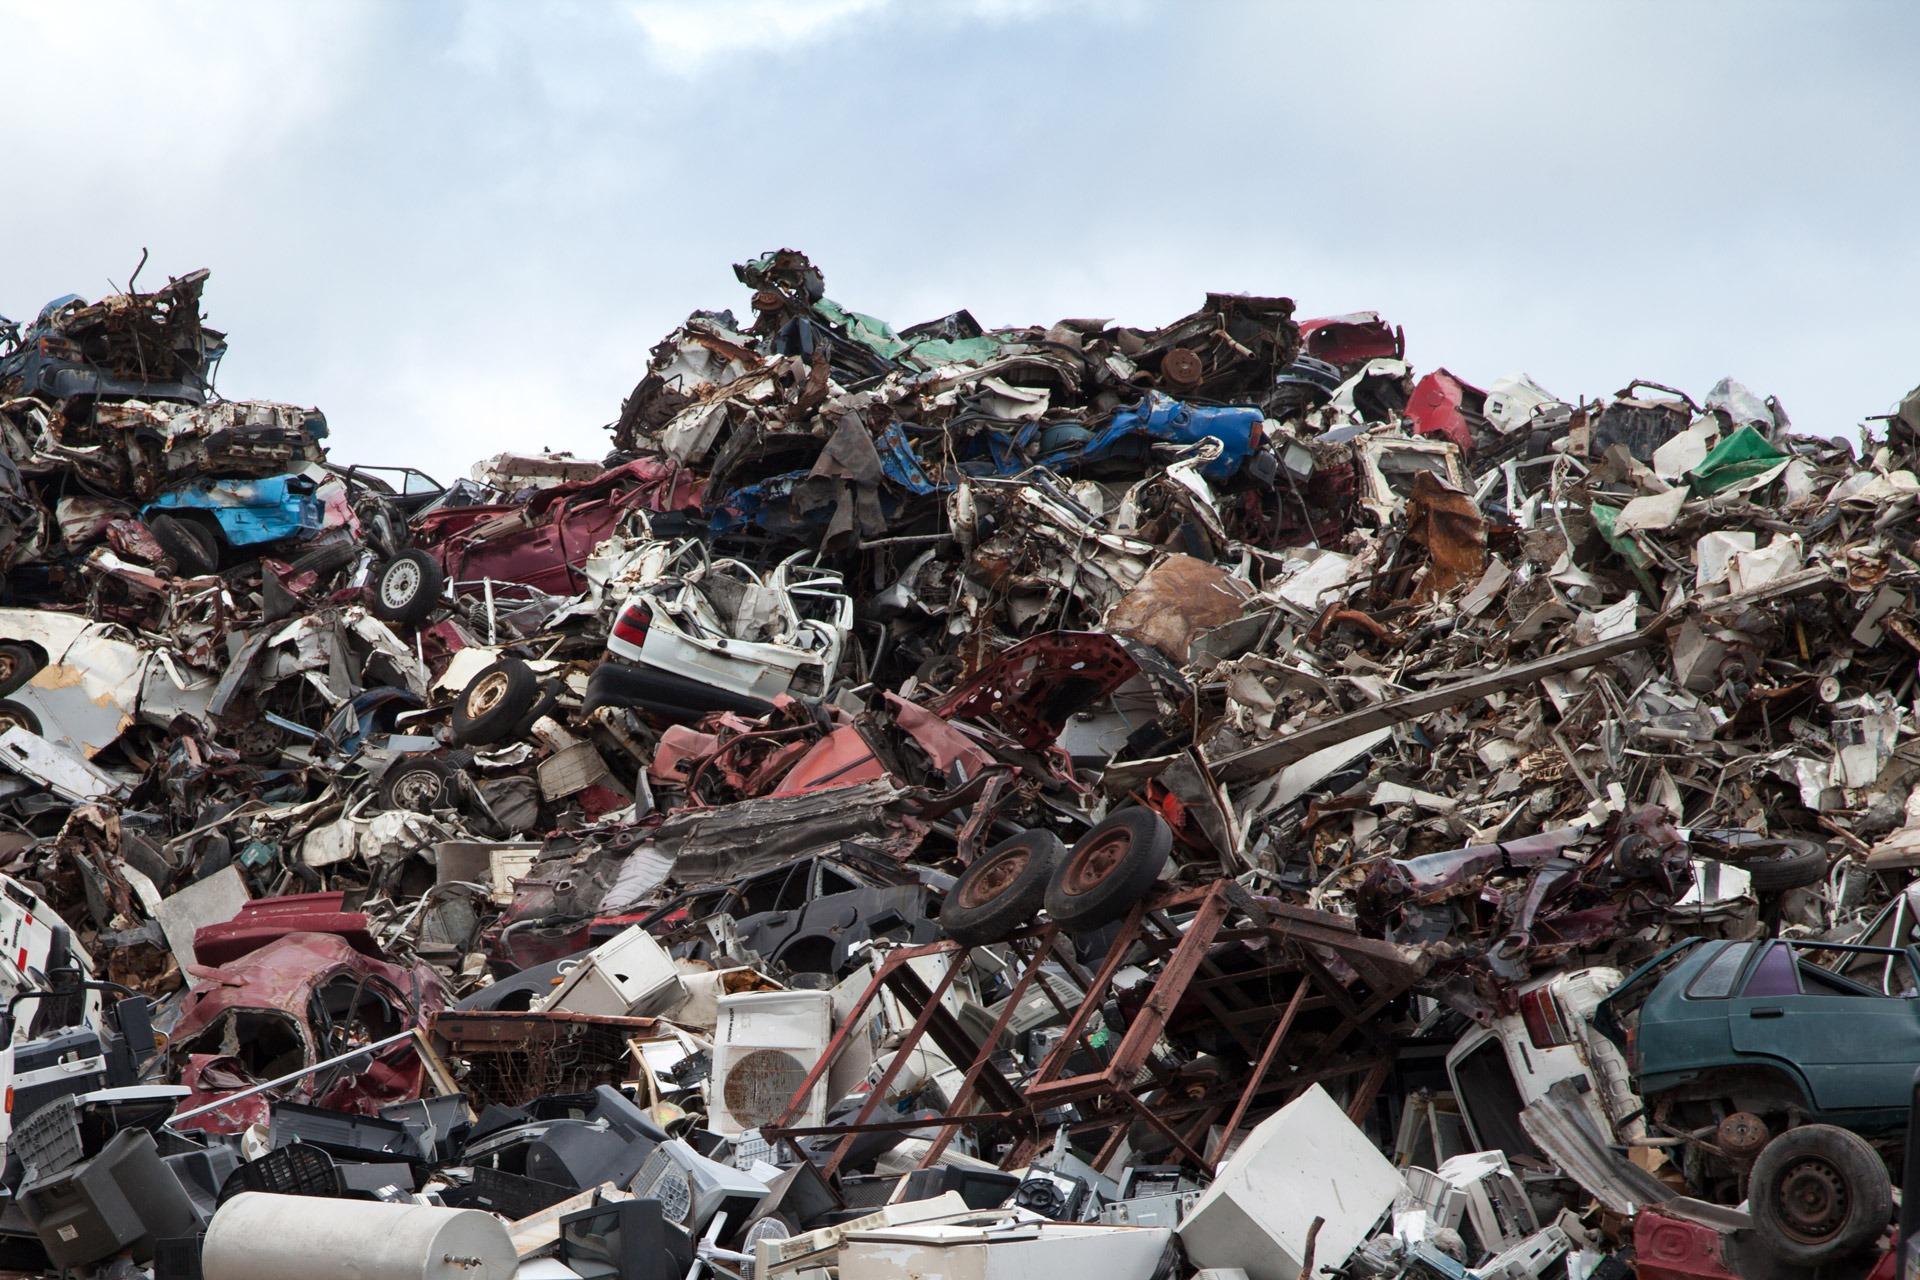 Единые требования к переработке мусора начнут действовать с 2021 года